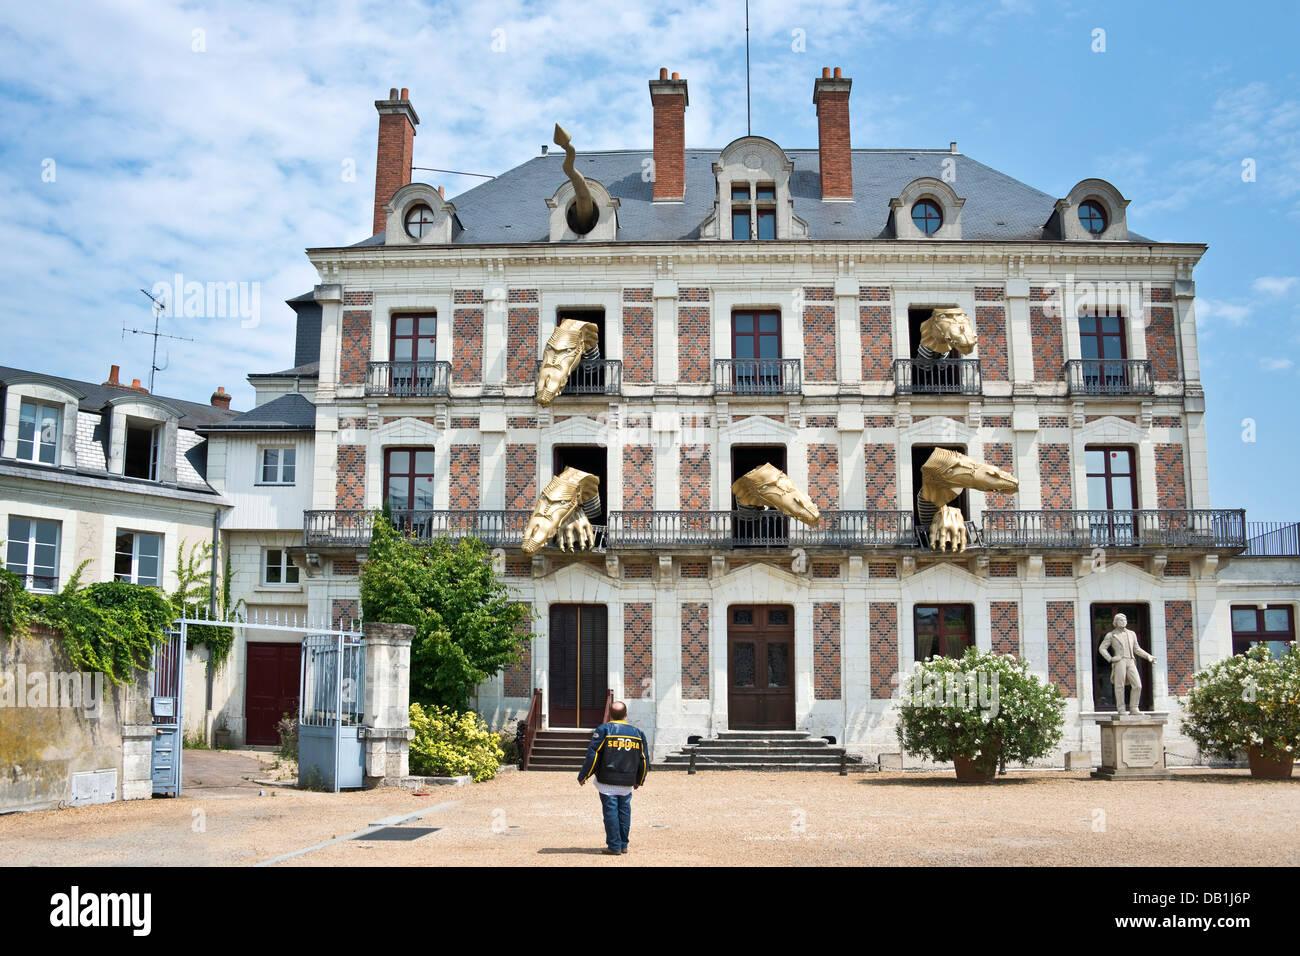 Dragons In The Maison De La Magie Blois Loire Valley France